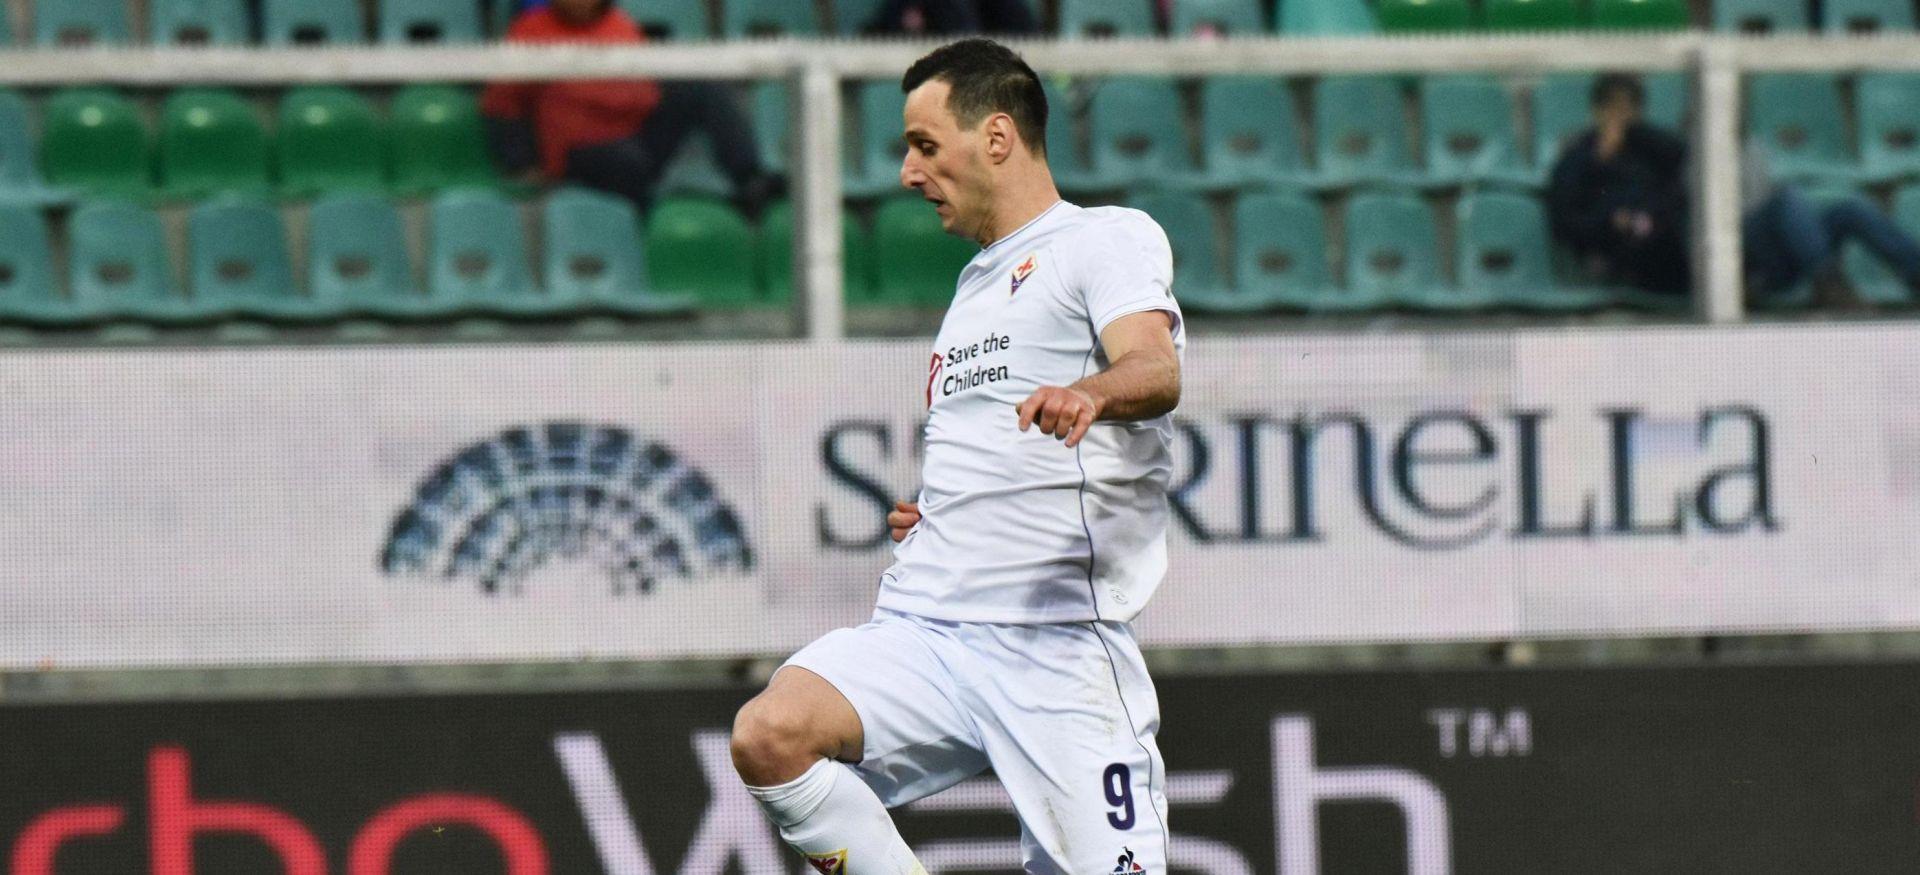 SERIE A Dvije asistencije Kalinića, Fiorentina na vrhu